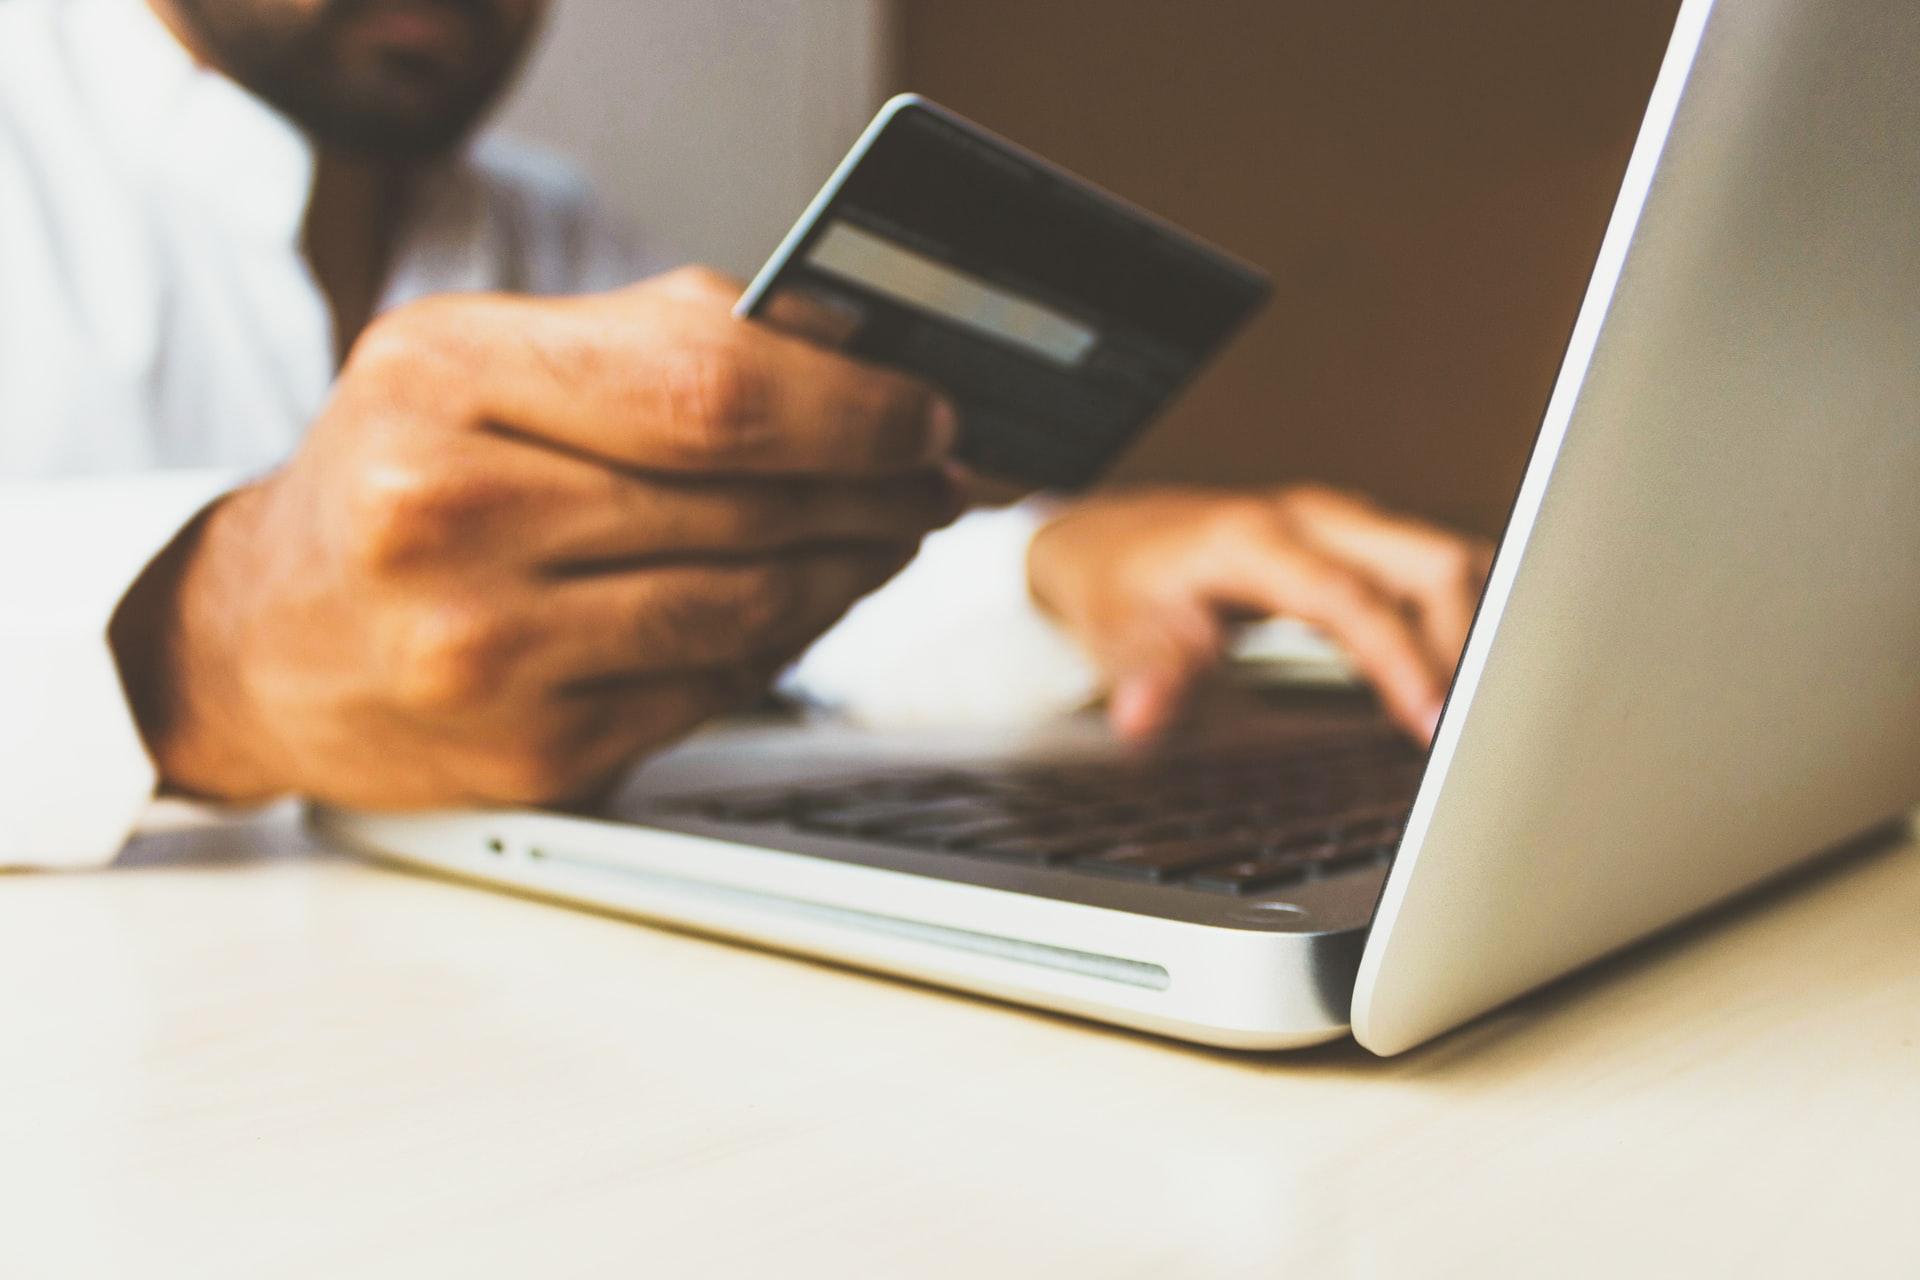 Melhor site para comprar bicicleta, cartão de crédito